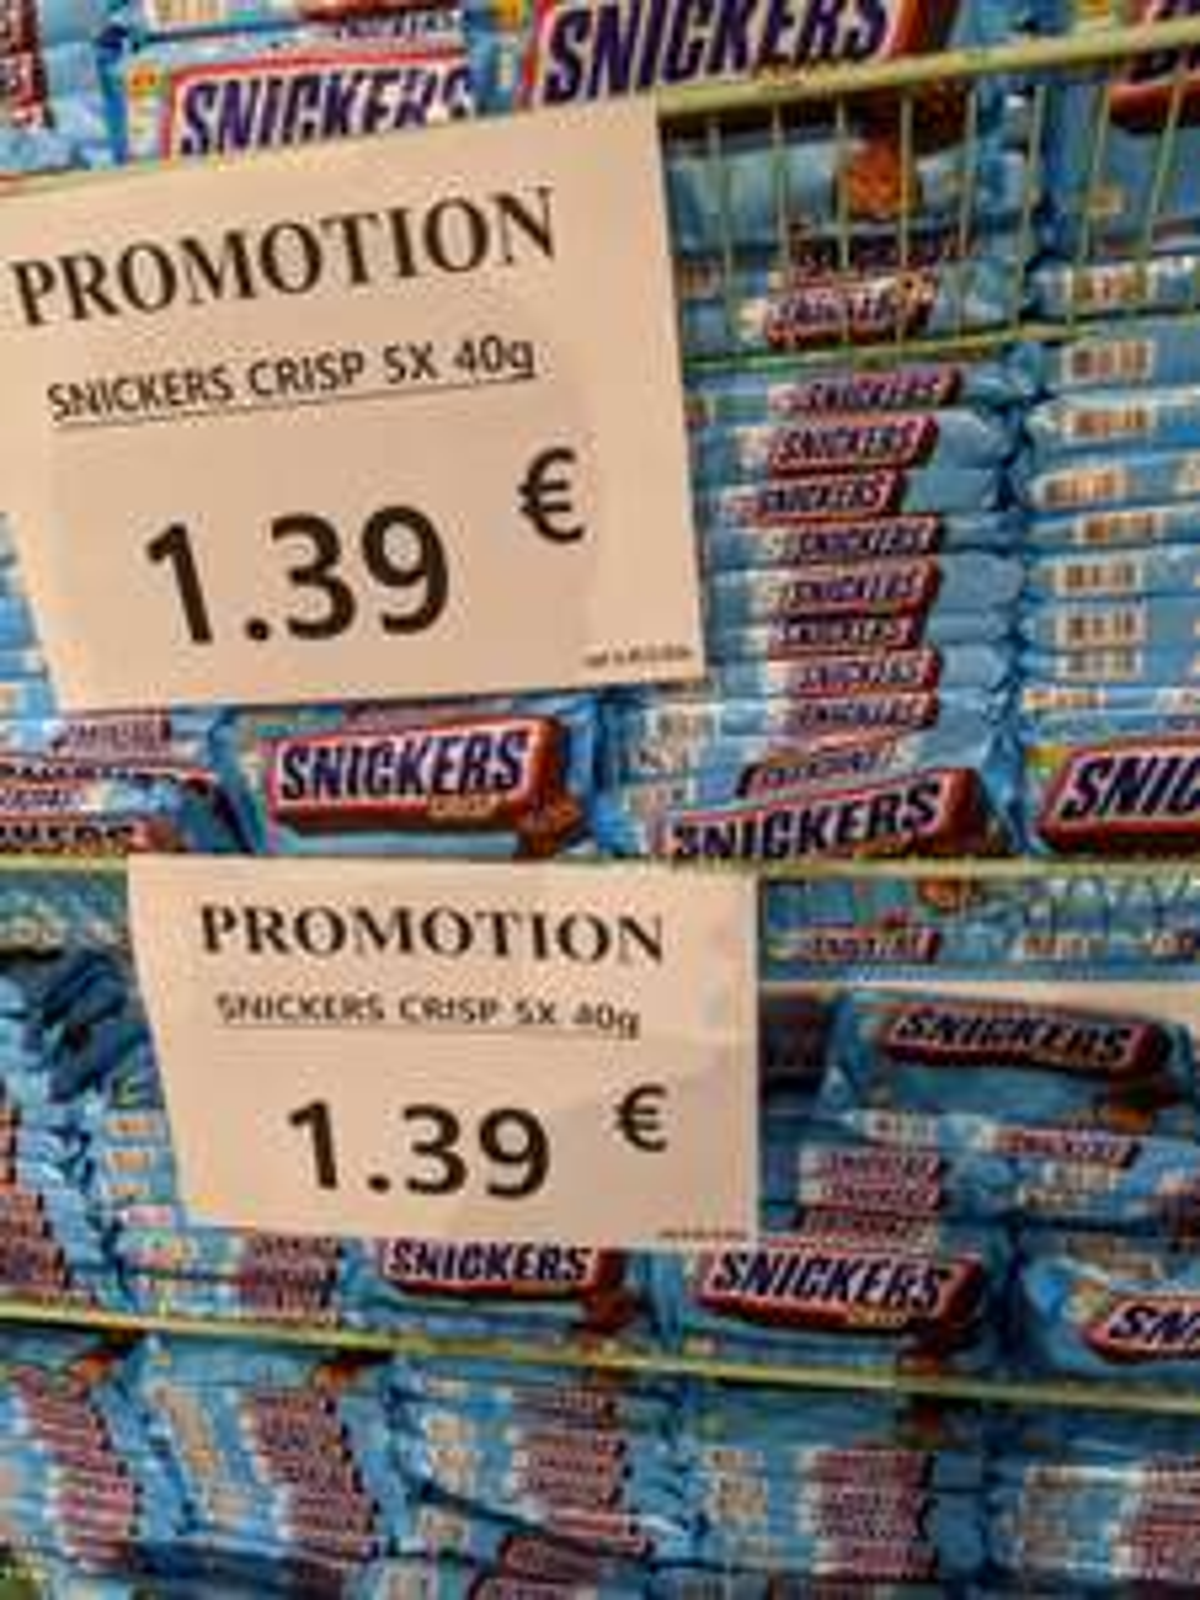 5 Snickers Crisp - Halles Market Bonneuil-sur-Marne (94)